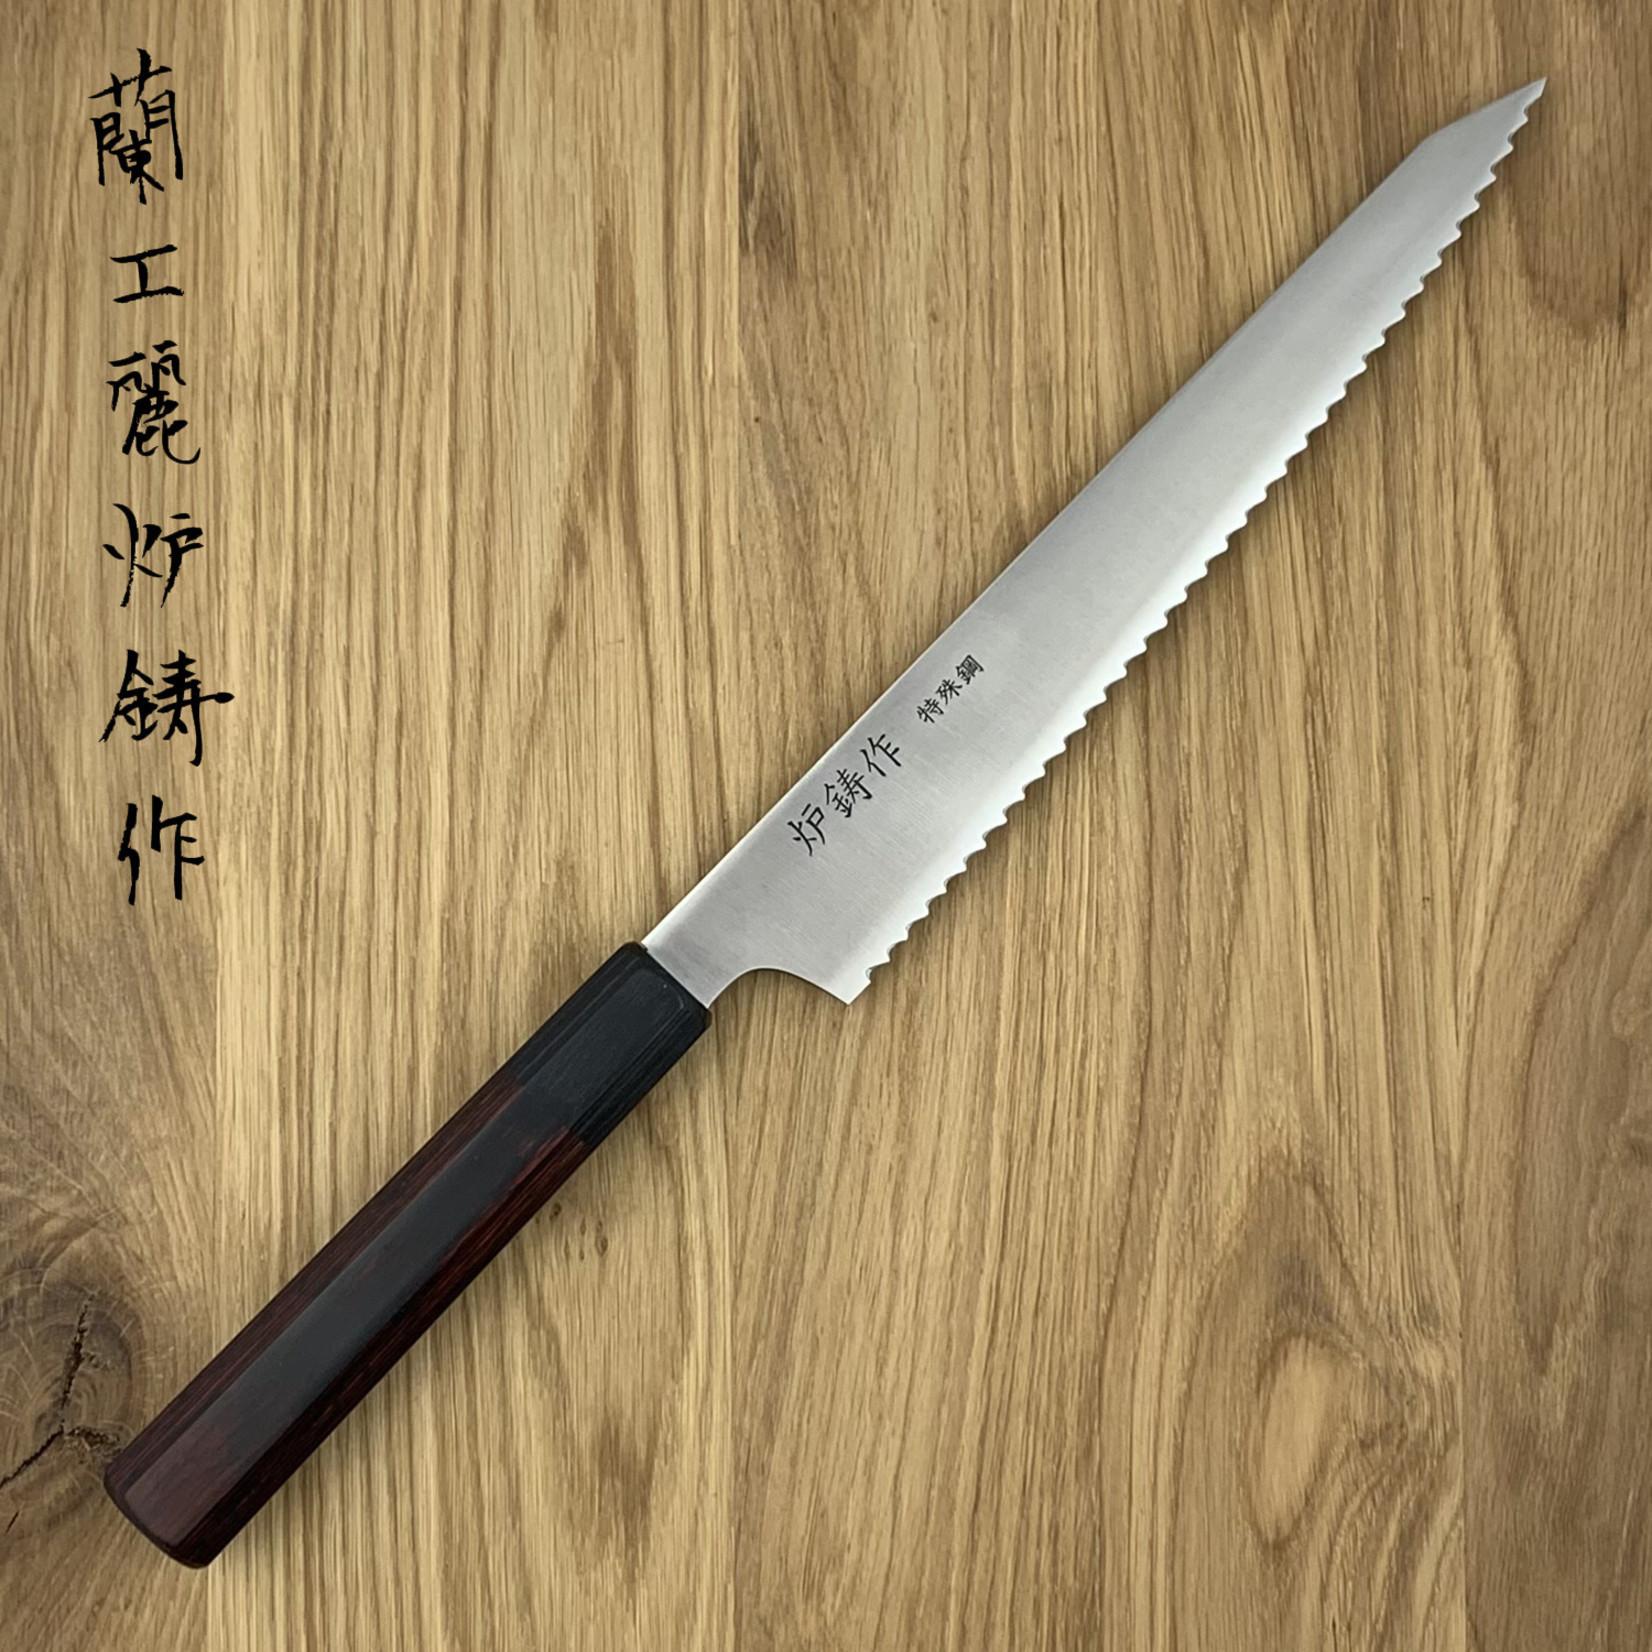 ROOIJ Saku Bread 270mm Red WA RK6-J27KR